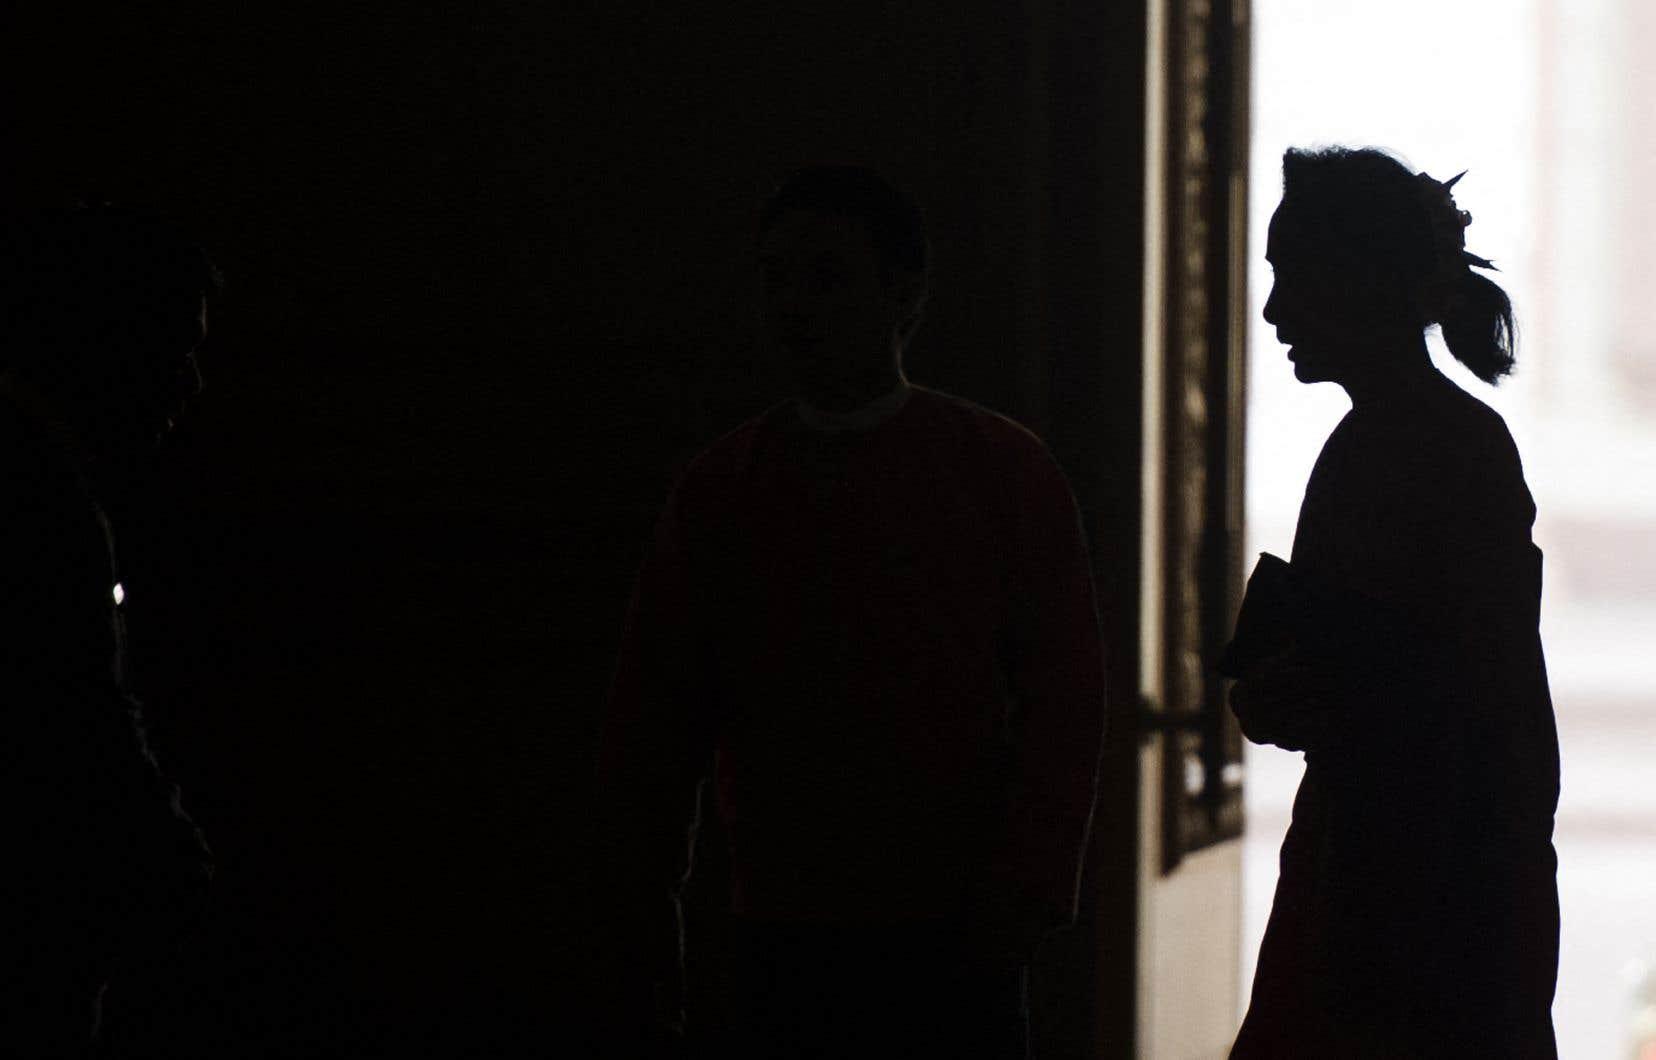 Aung San Suu Kyi n'a pas pu encore se défendre devant le tribunal, mais «elle semble bien décidée à faire valoir ses droits, quels que soient les résultats», a commenté un de ses avocats, Khin Maung Zaw, qui dit tout de même «se préparer au pire», dénonçant des accusations «absurdes».